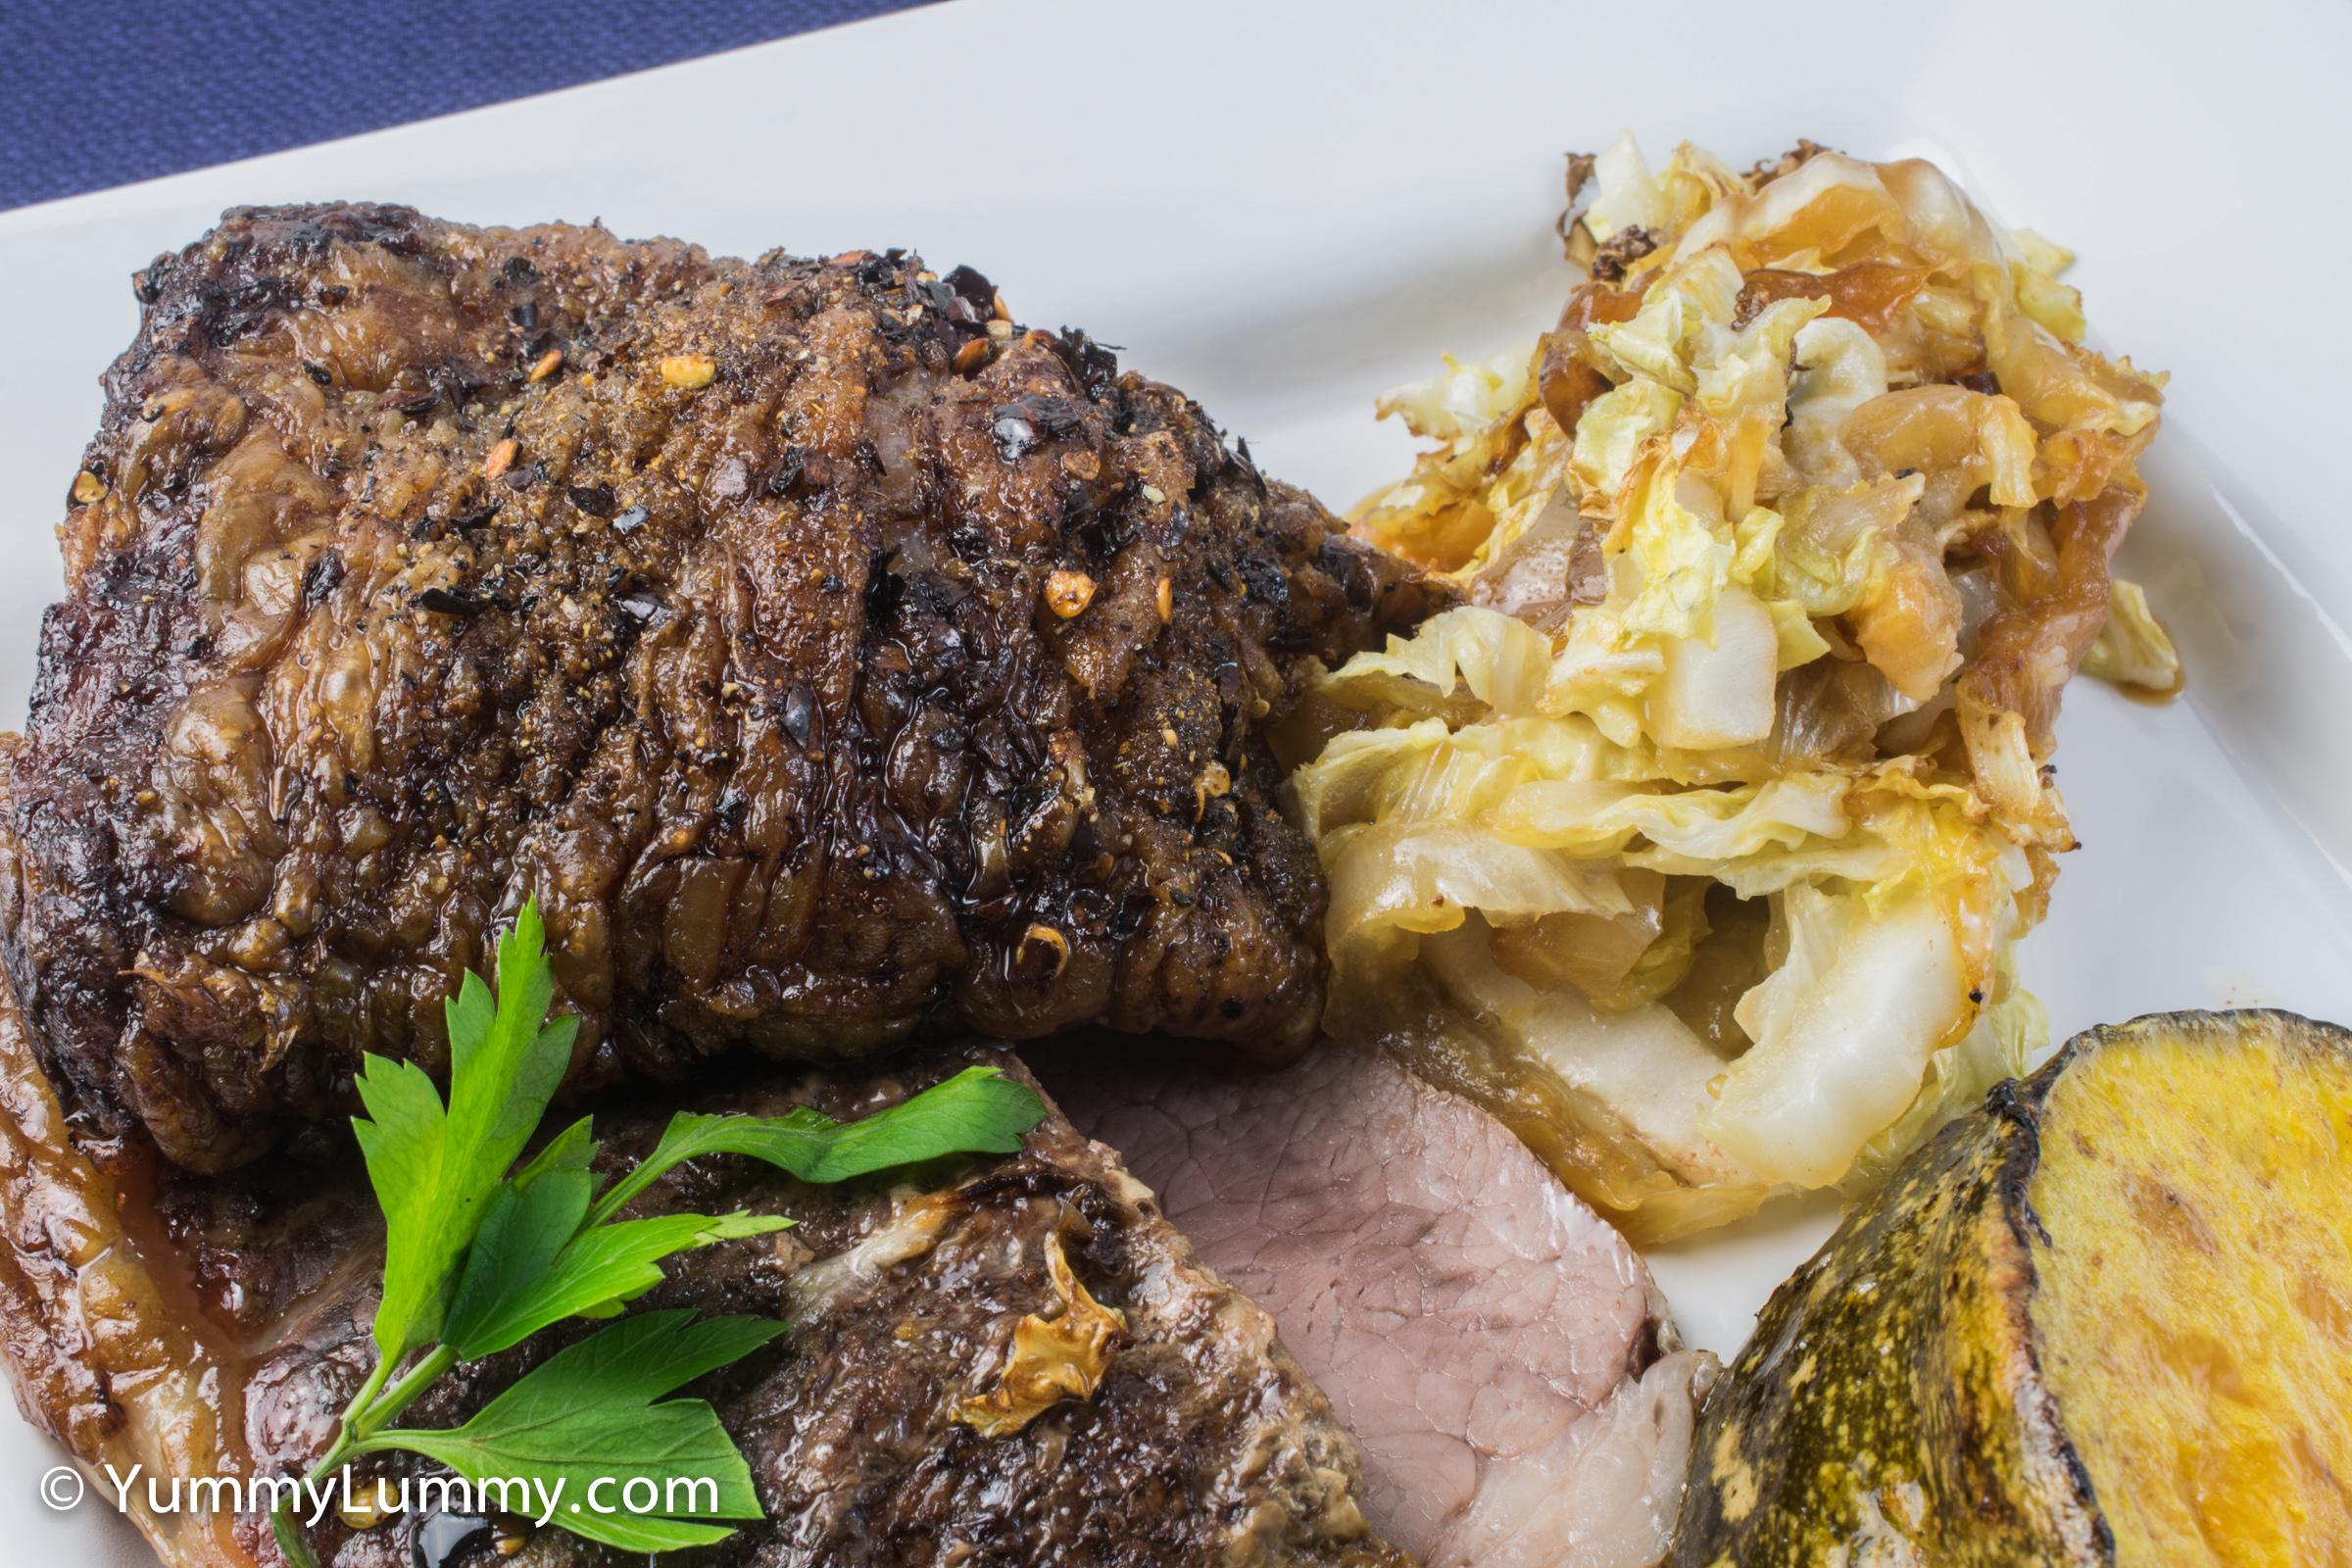 A photograph of roast sirloin beef